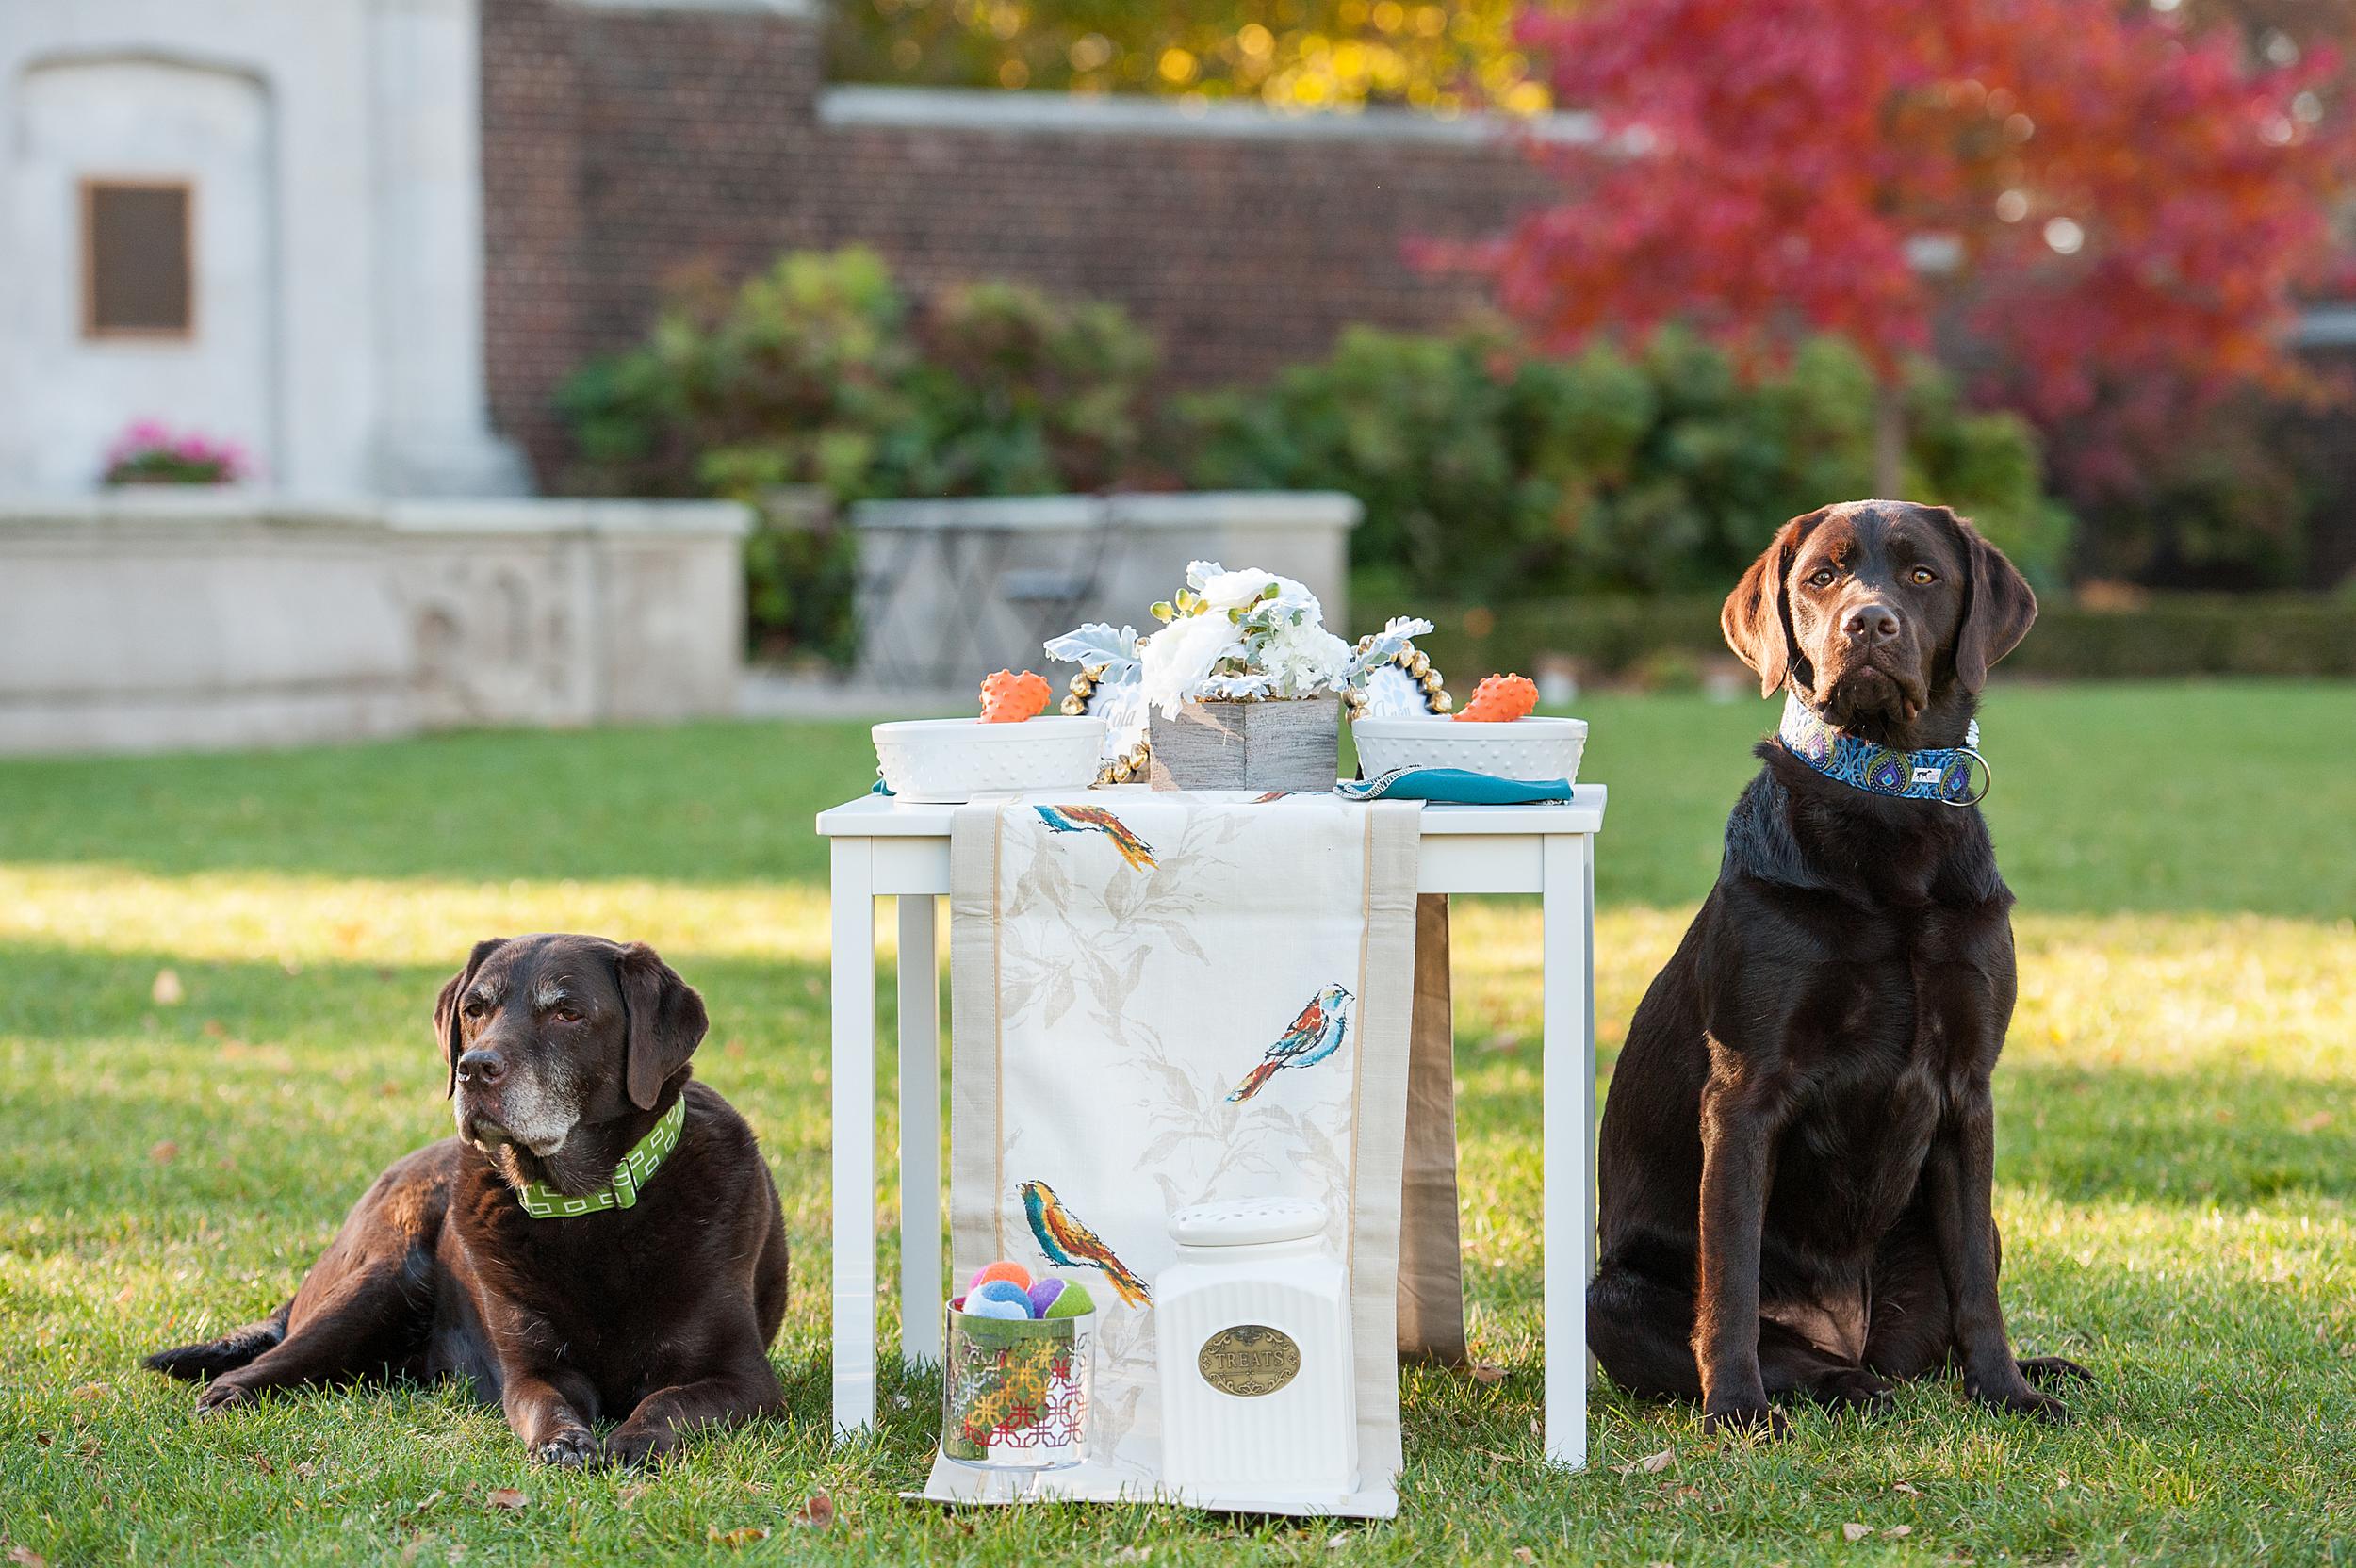 dog-birthday-party-jenny-karlsson-008.jpg